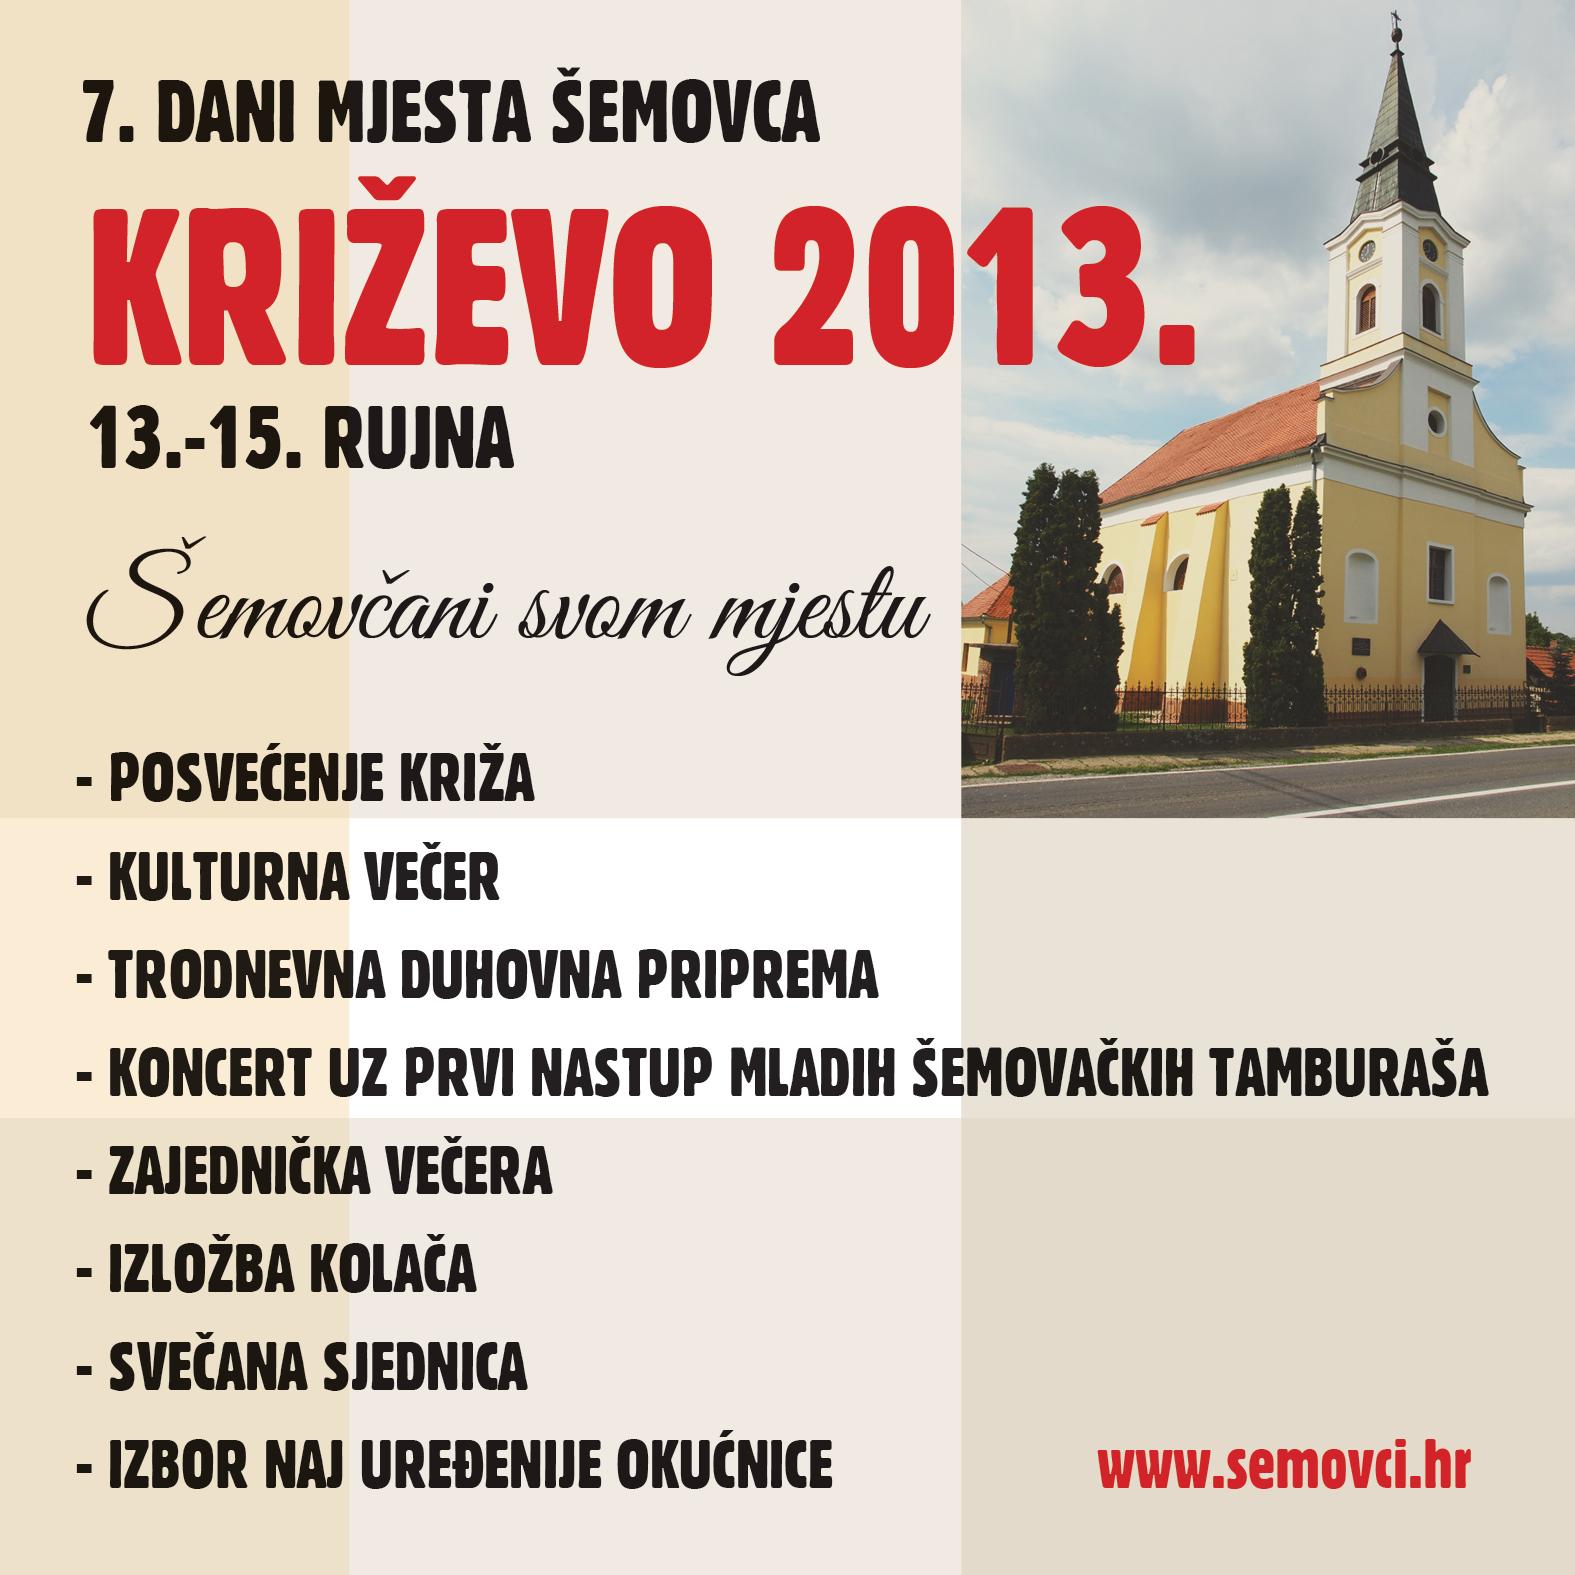 Dani mjesta Šemovaca program drugi dan.